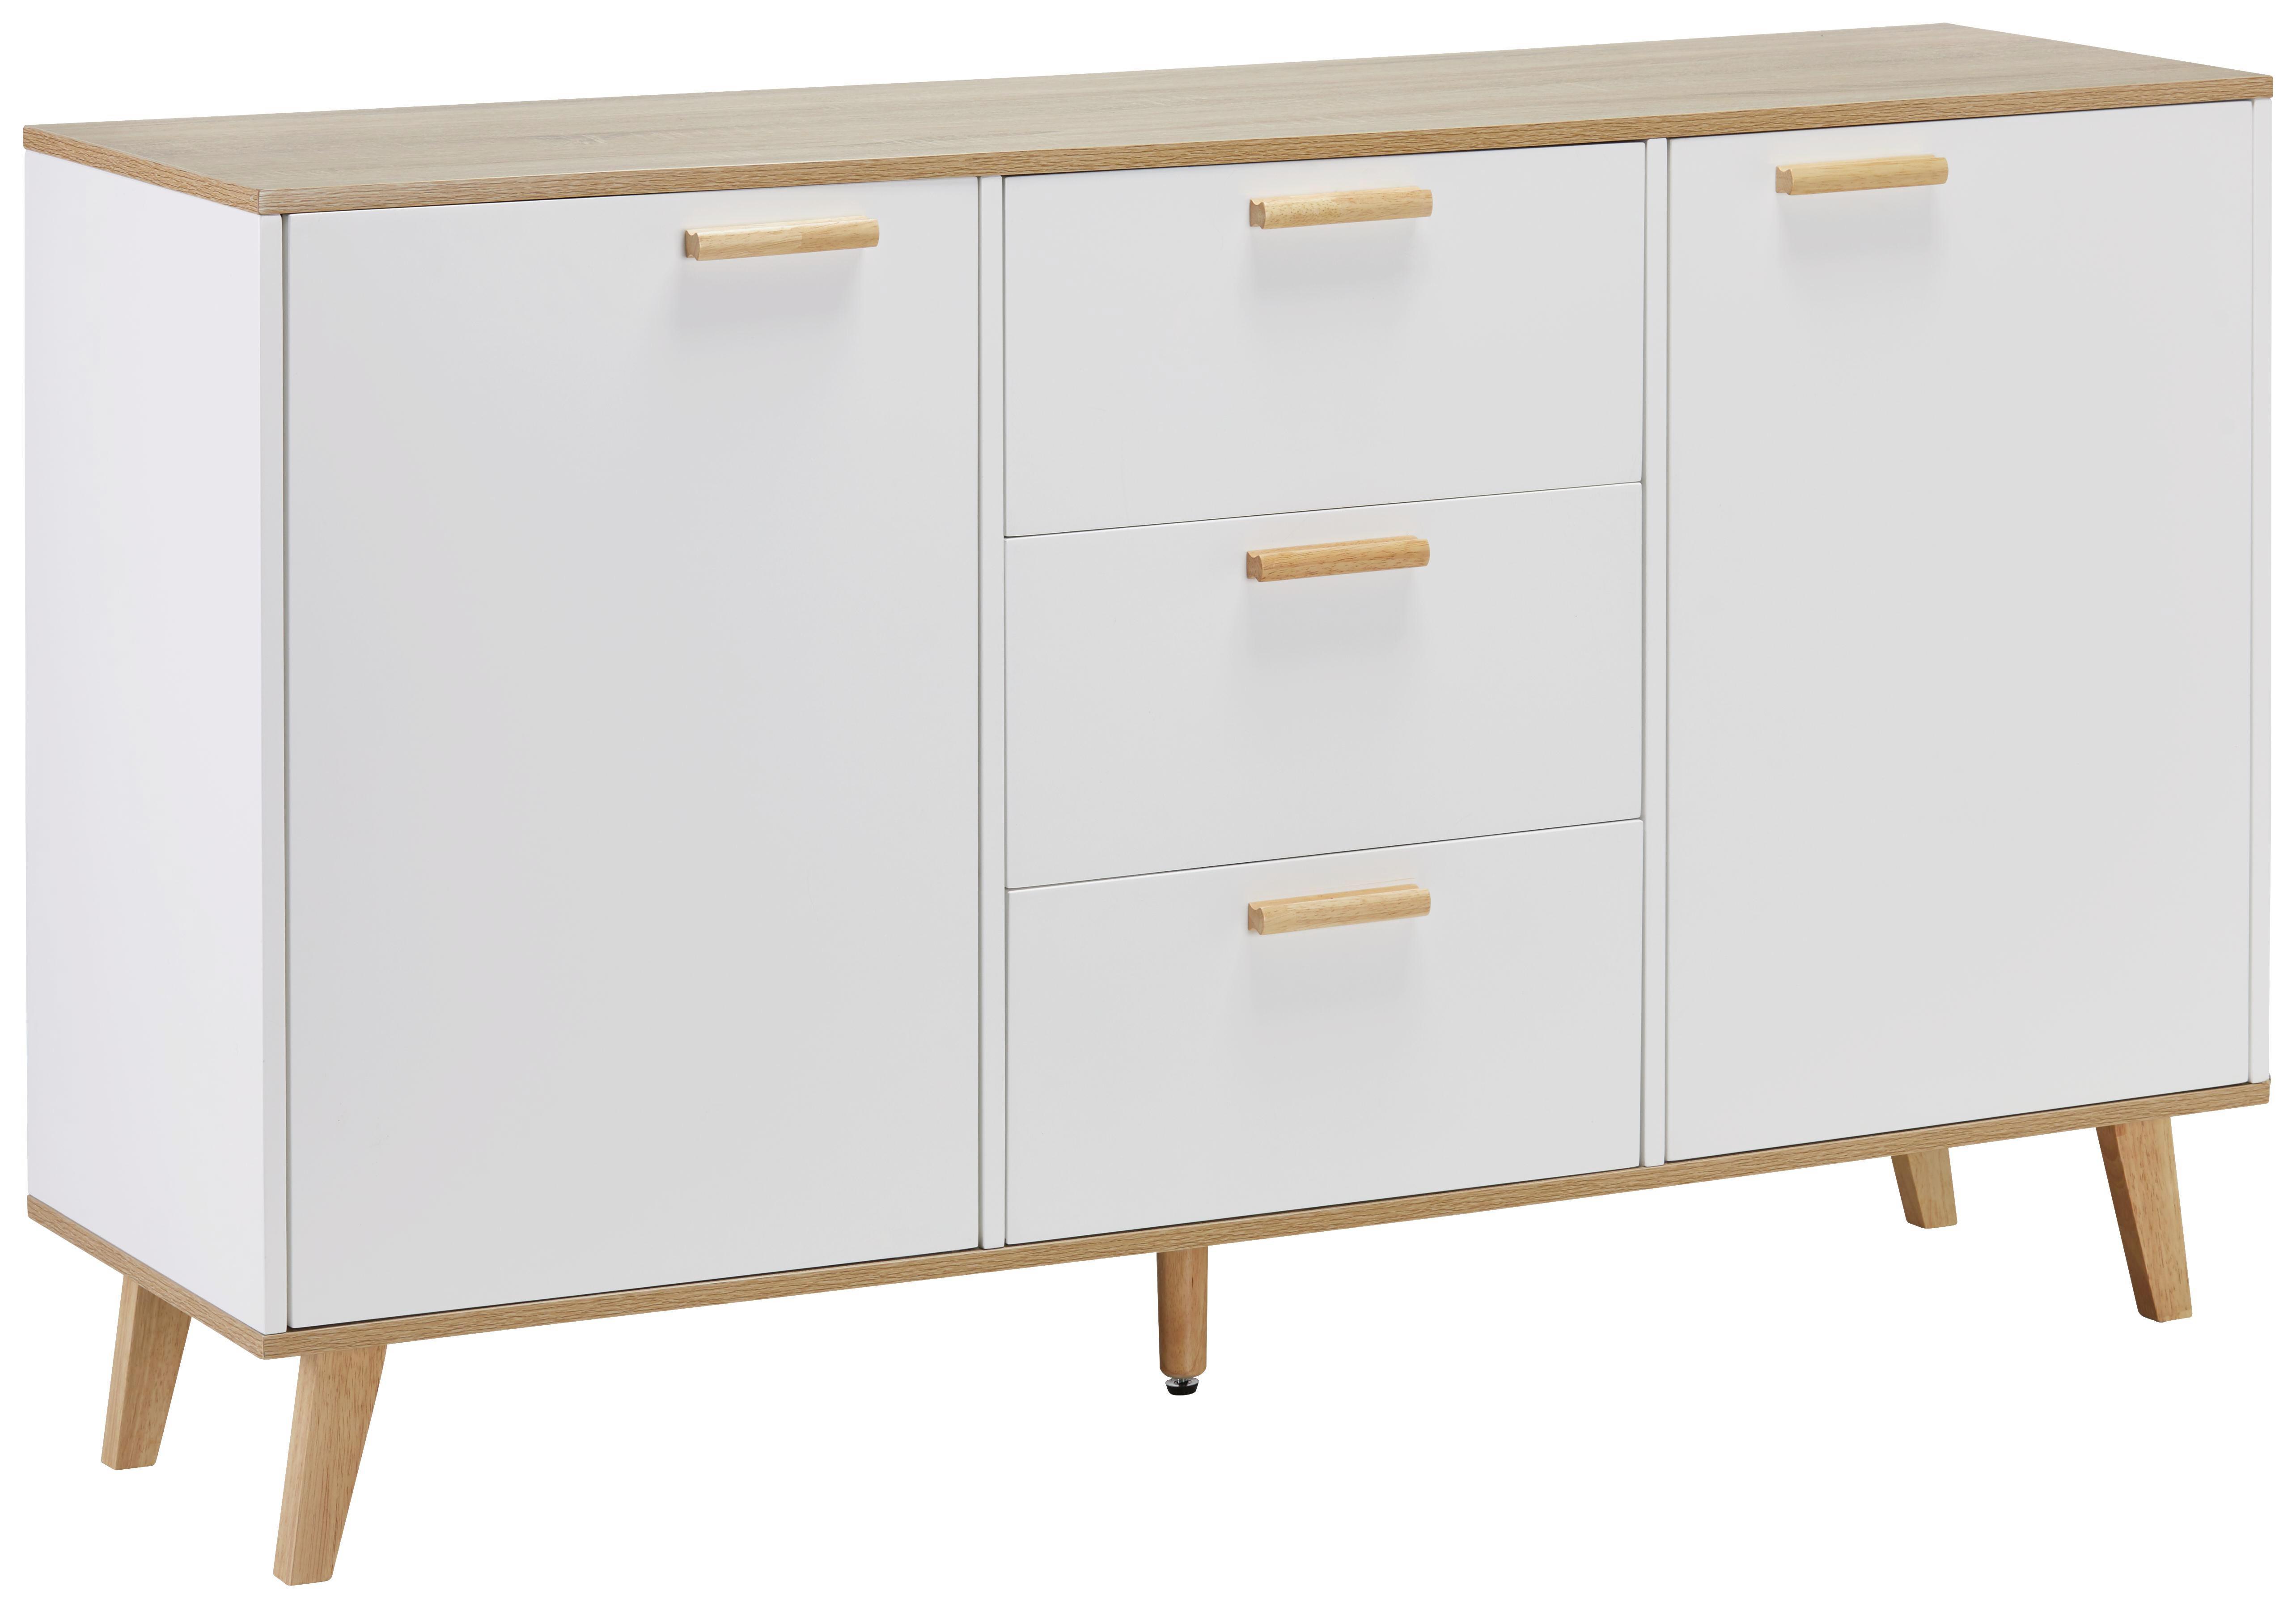 sideboard 20 cm tief wohnling sideboard jarry cm breit cm hoch cm tief kommode anrichte aus. Black Bedroom Furniture Sets. Home Design Ideas